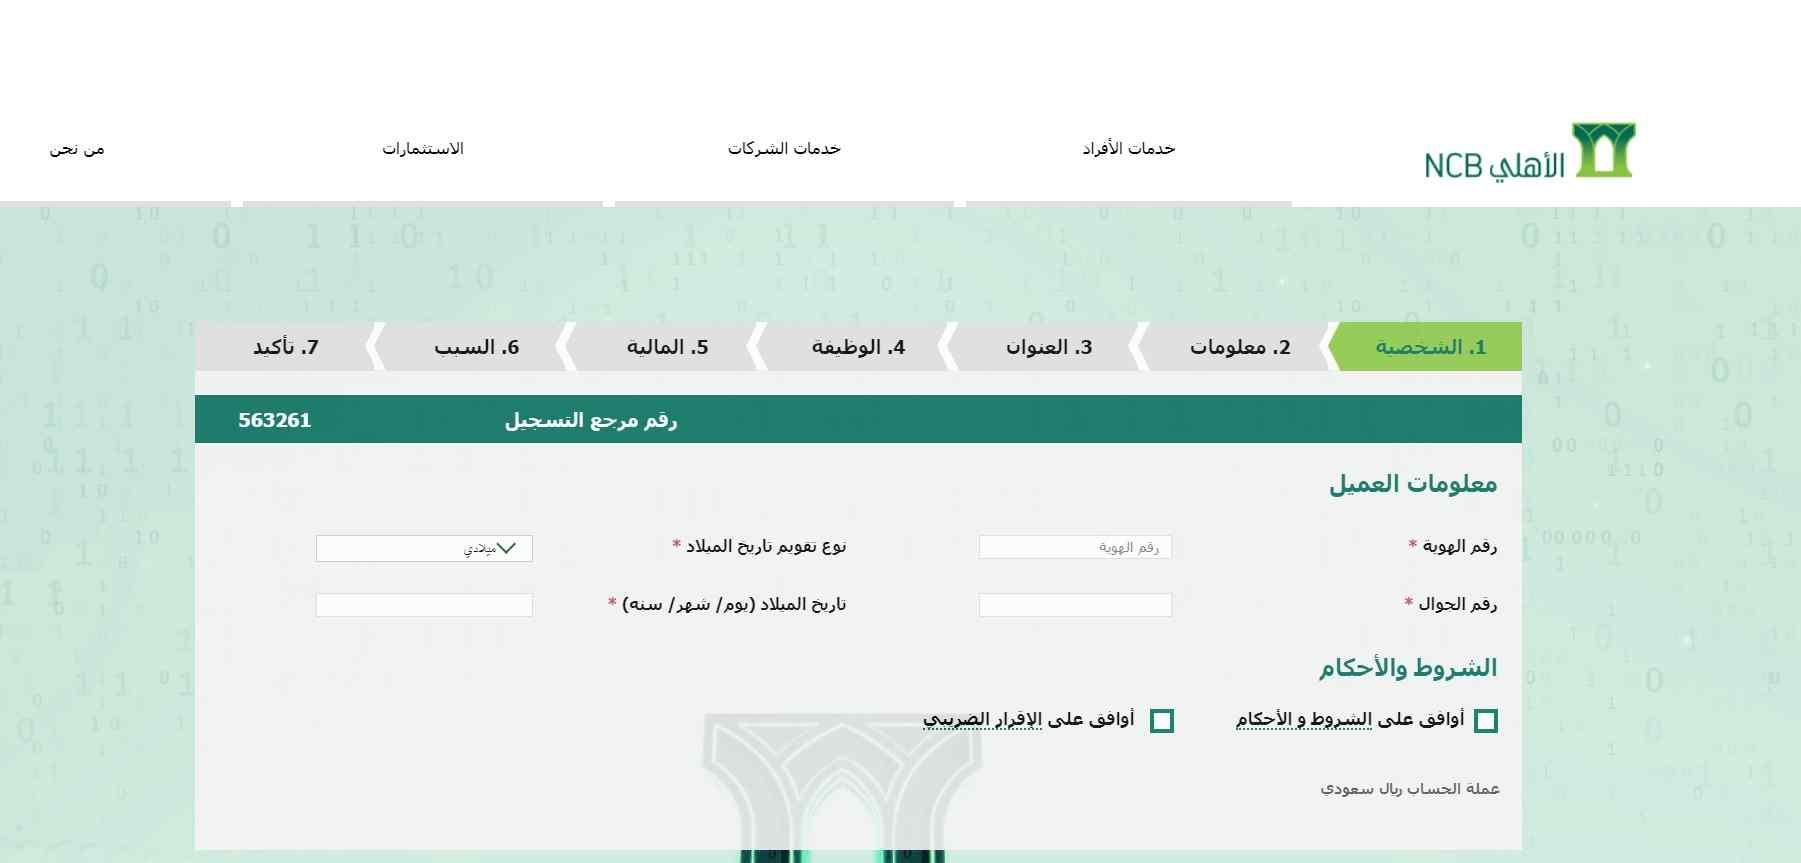 خطوات تحديث البيانات في البنك الأهلي عن طريق الهاتف